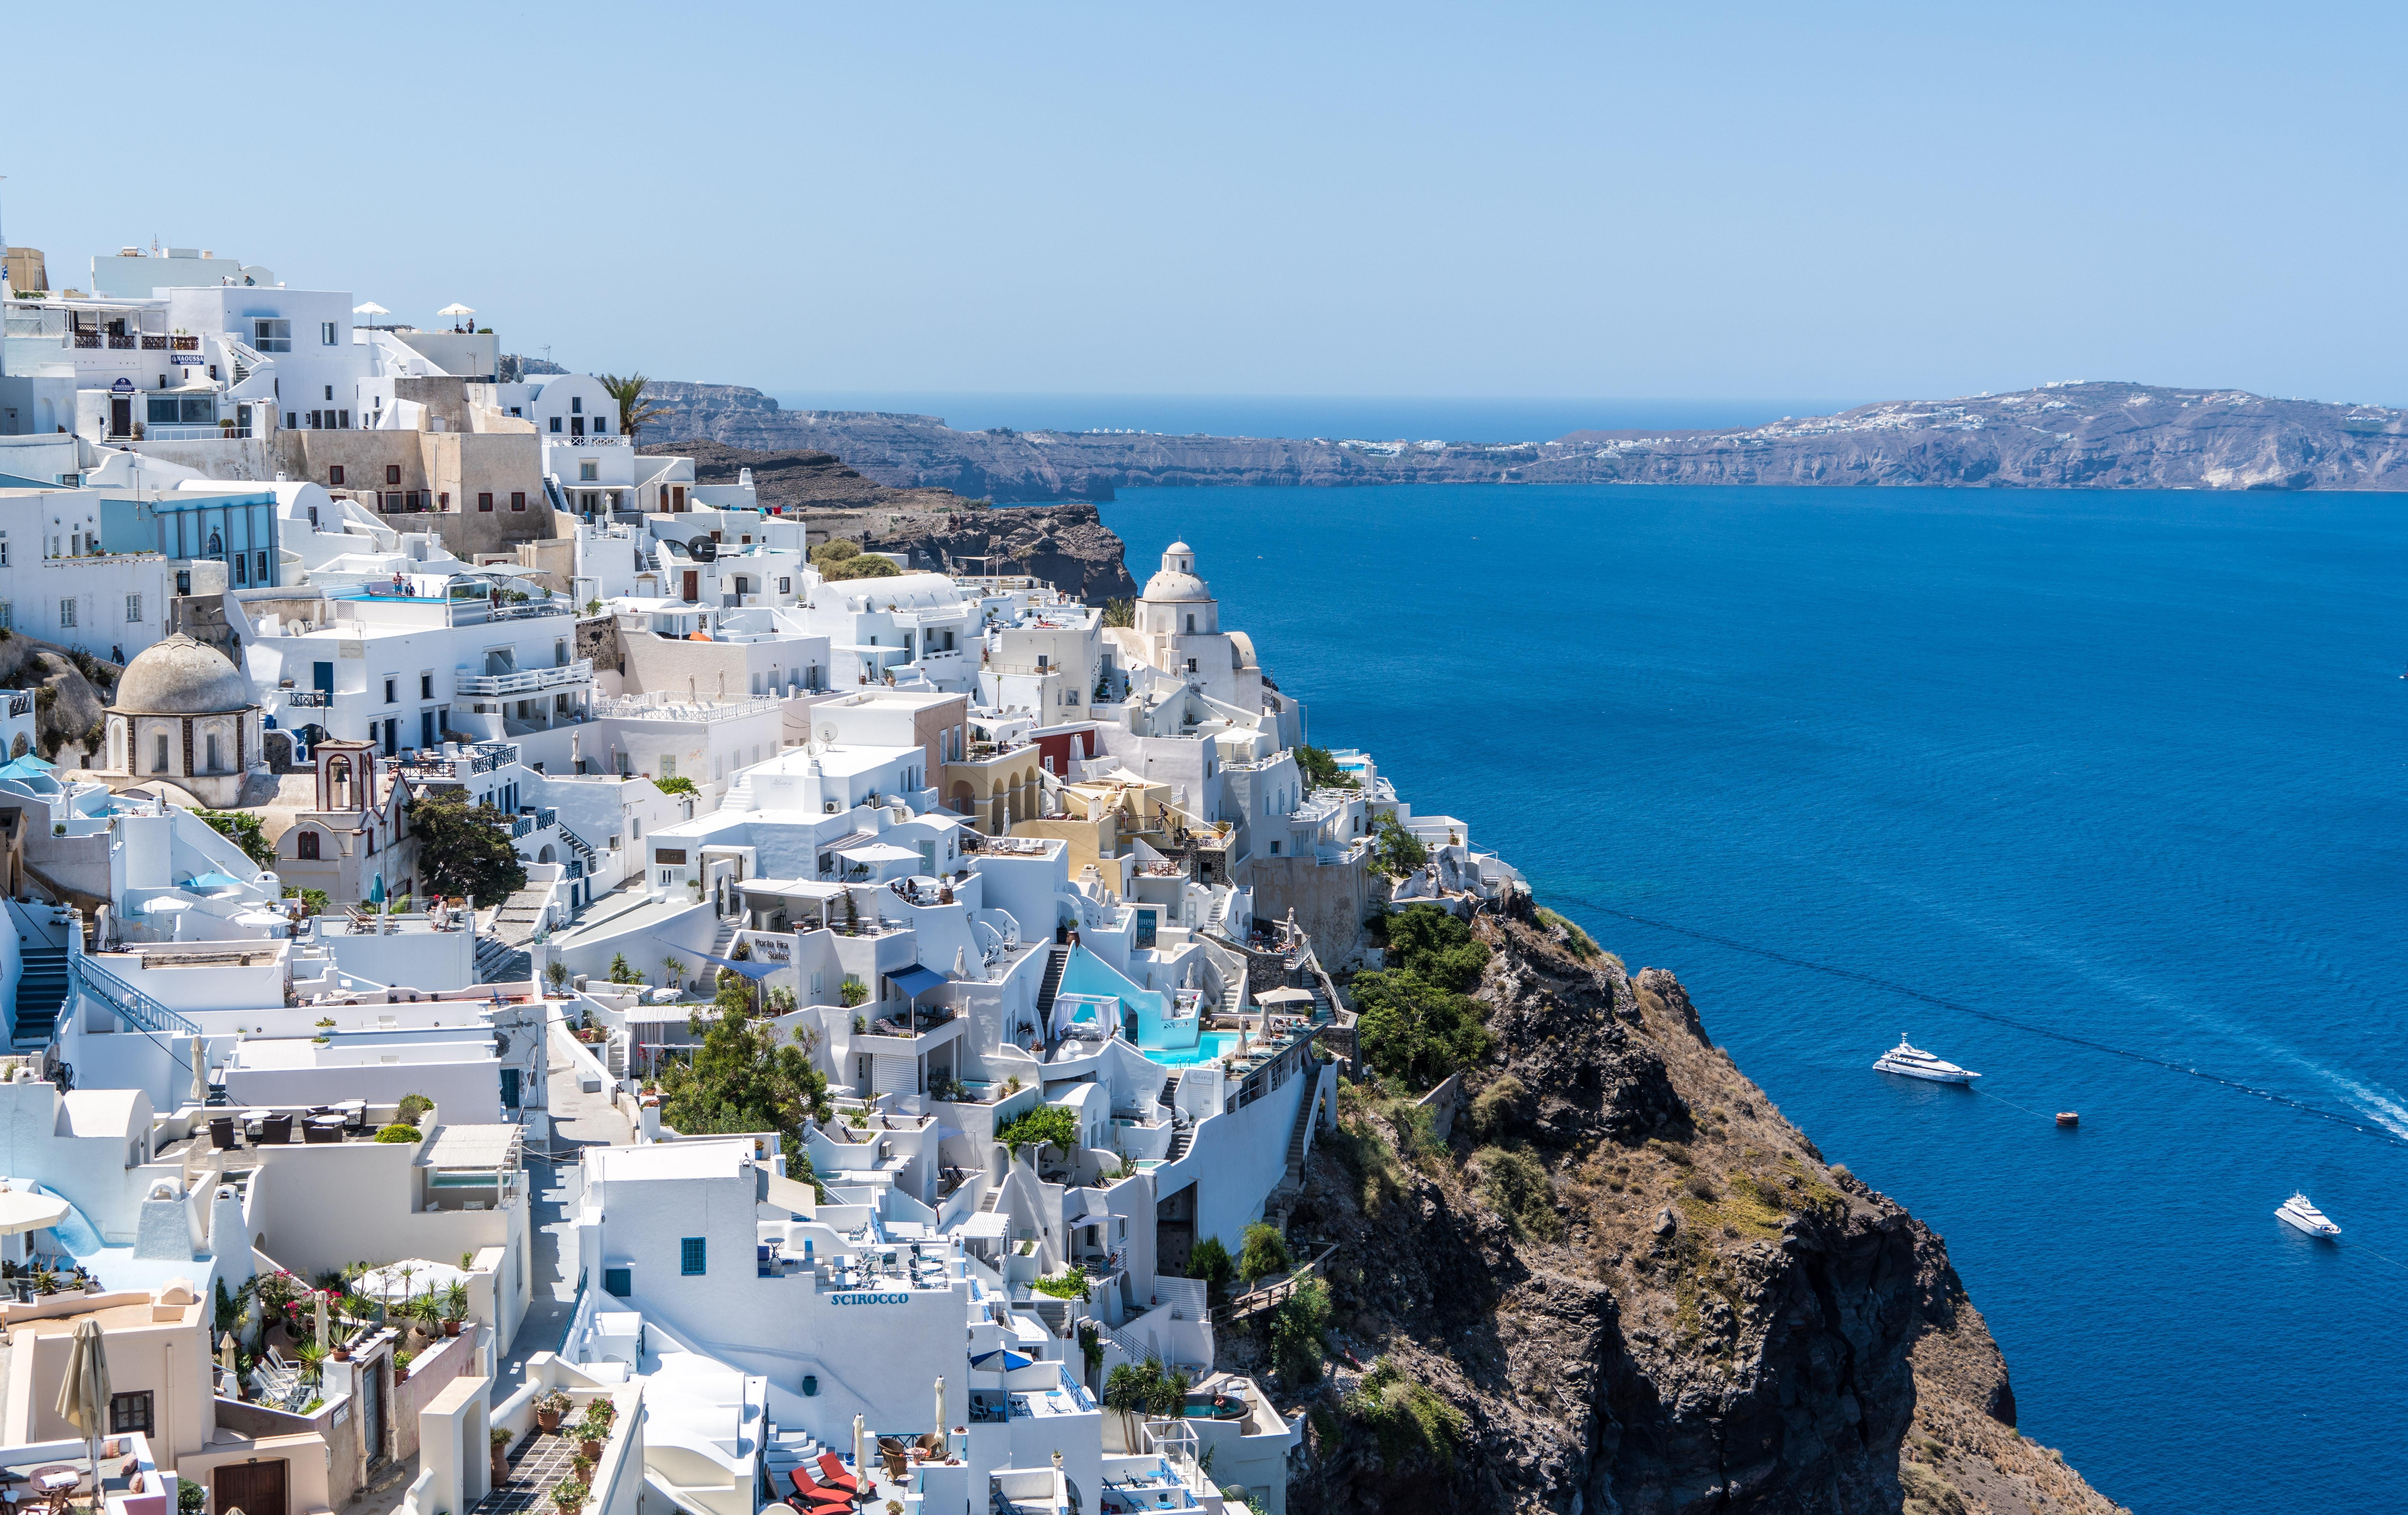 Greece-NESA.jpeg#asset:7398